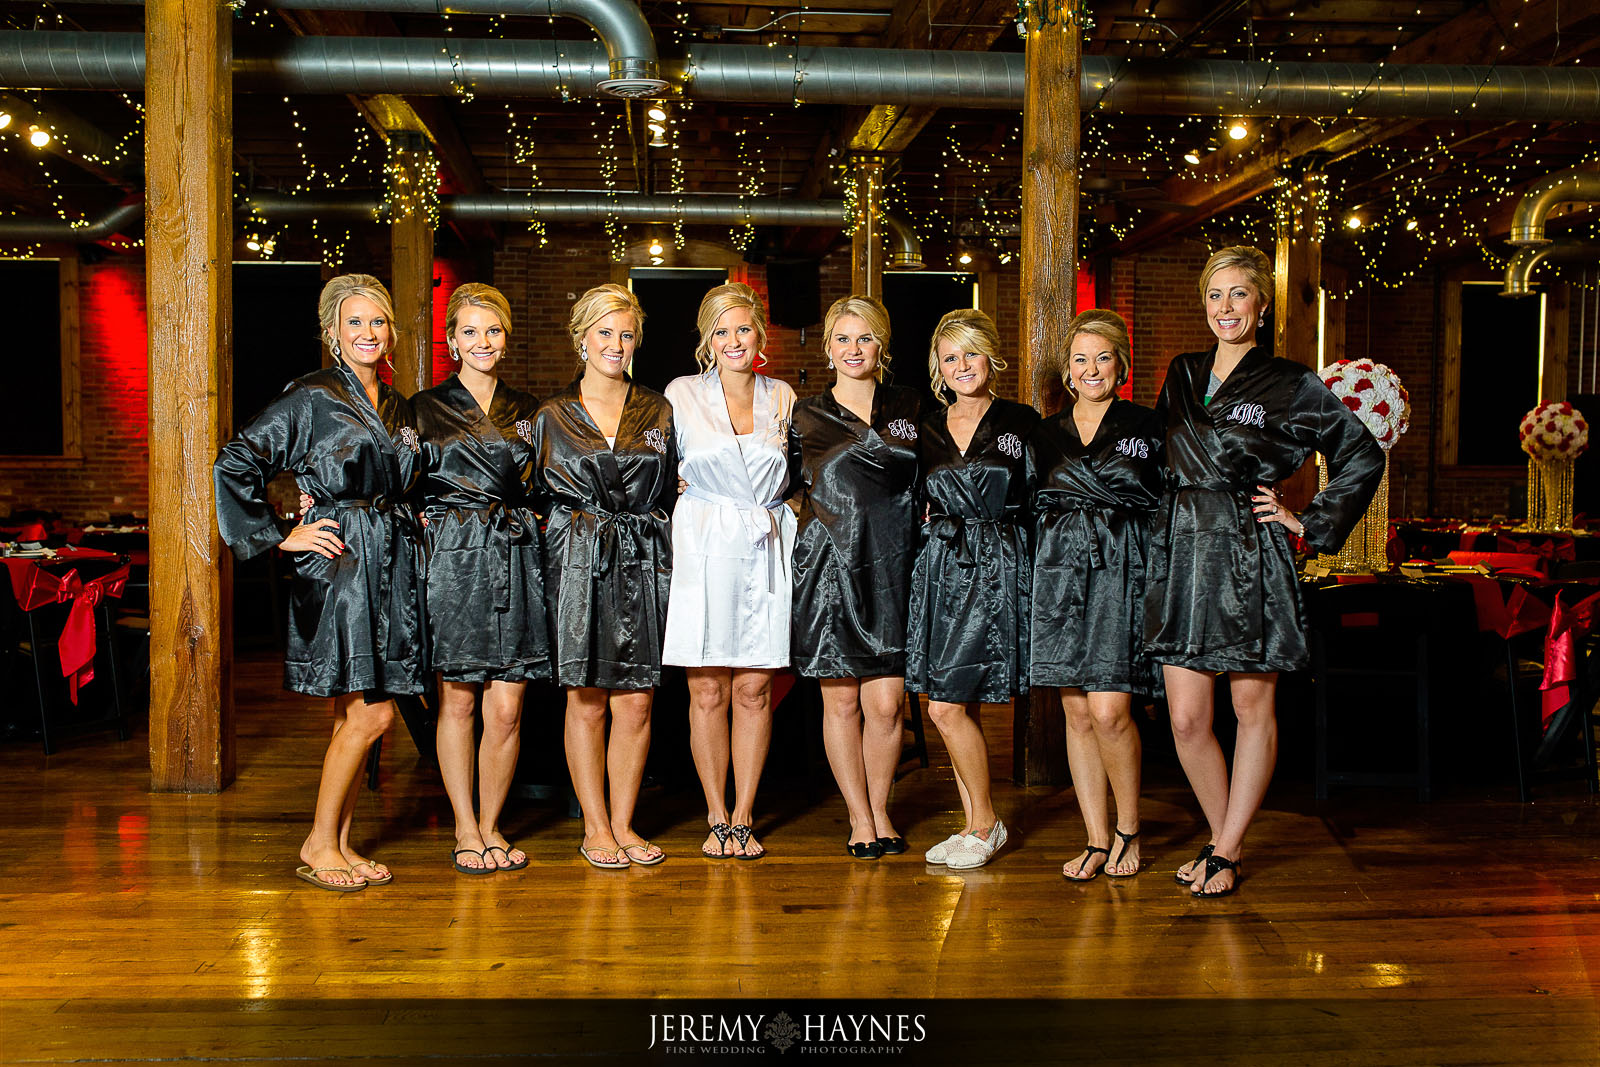 mavris-bridal-party-photos